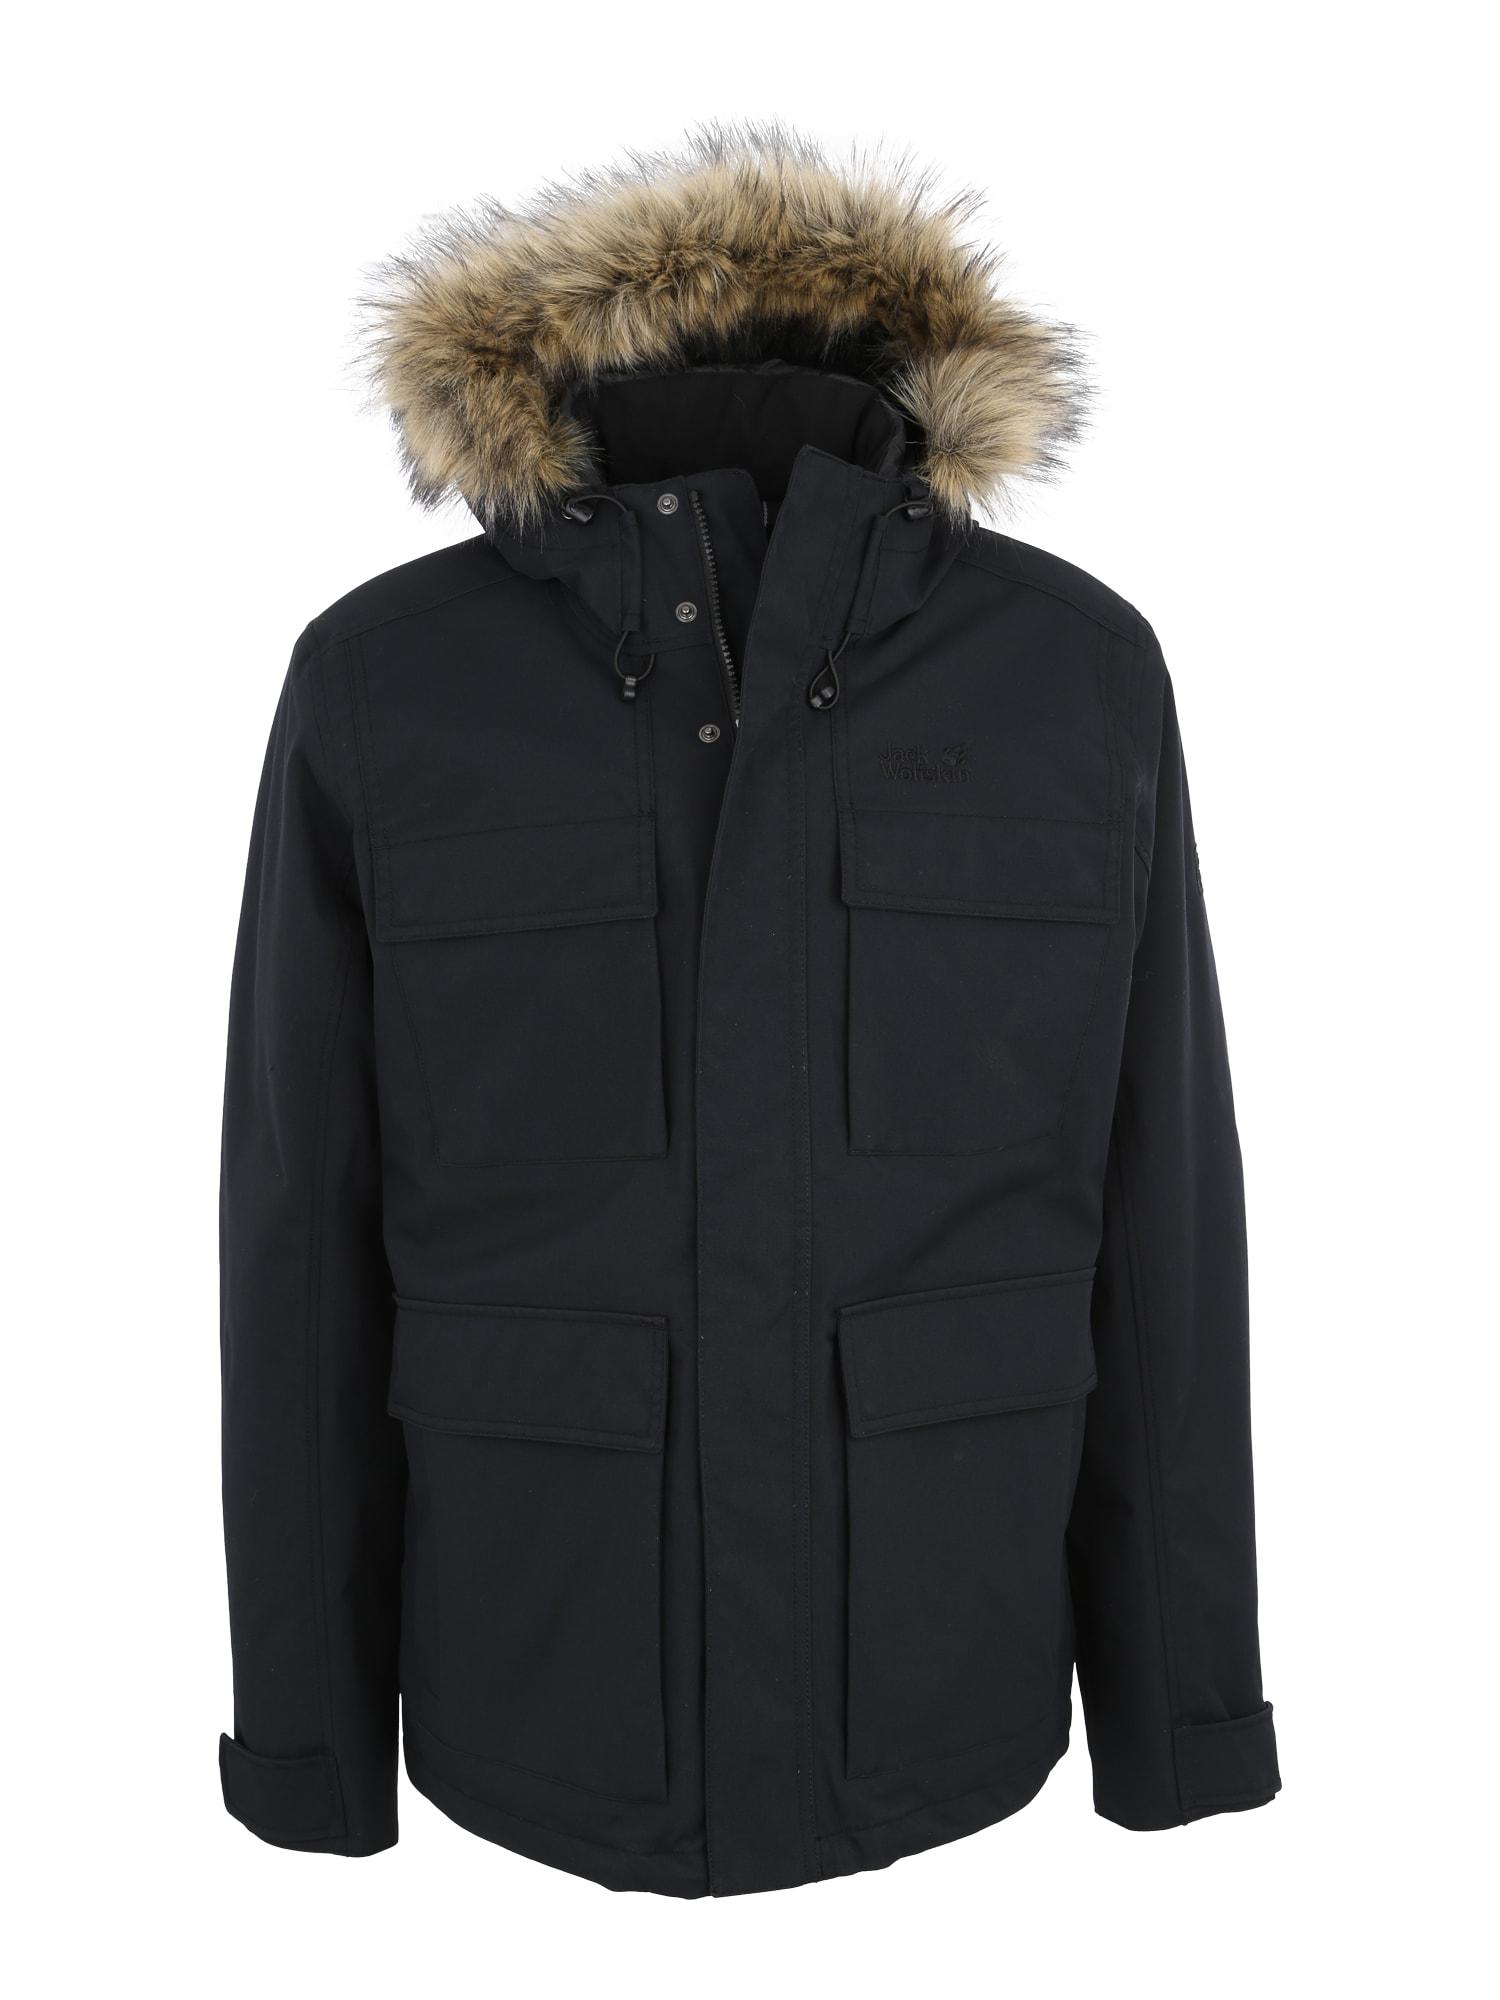 Outdoorová bunda POINT BARROW černá JACK WOLFSKIN